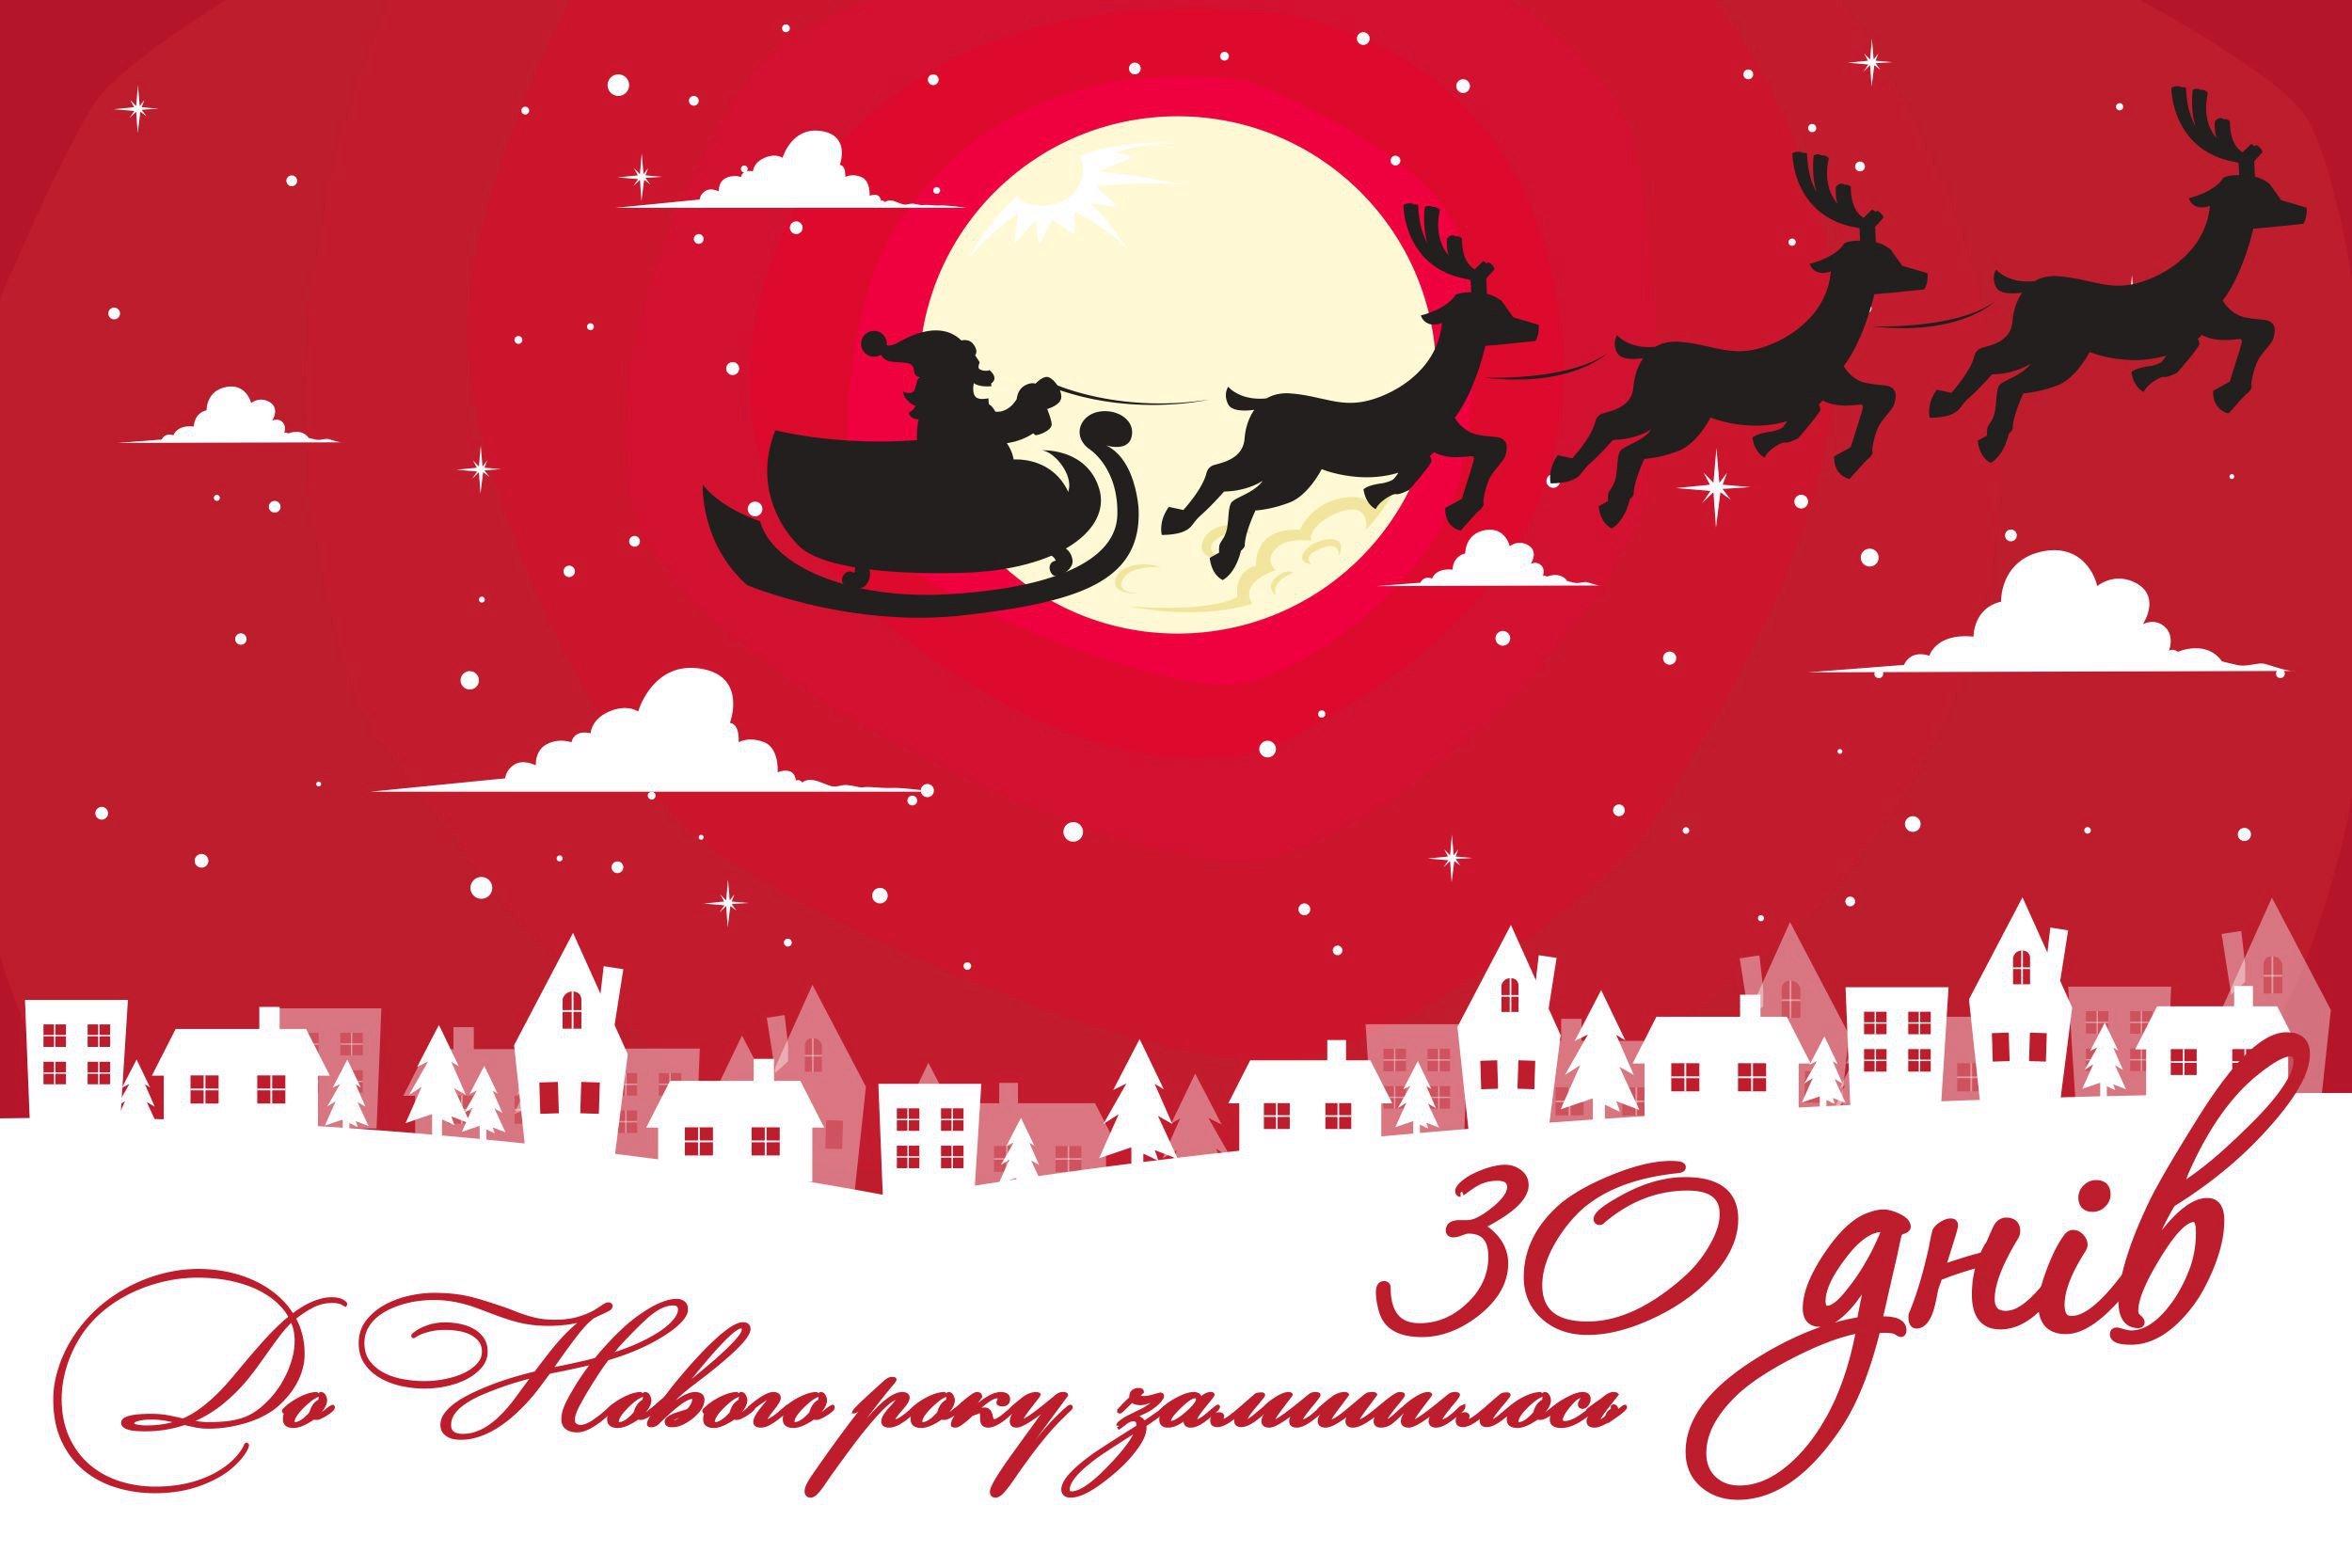 Виноградівці,  до Нового року залишилось 30 днів!